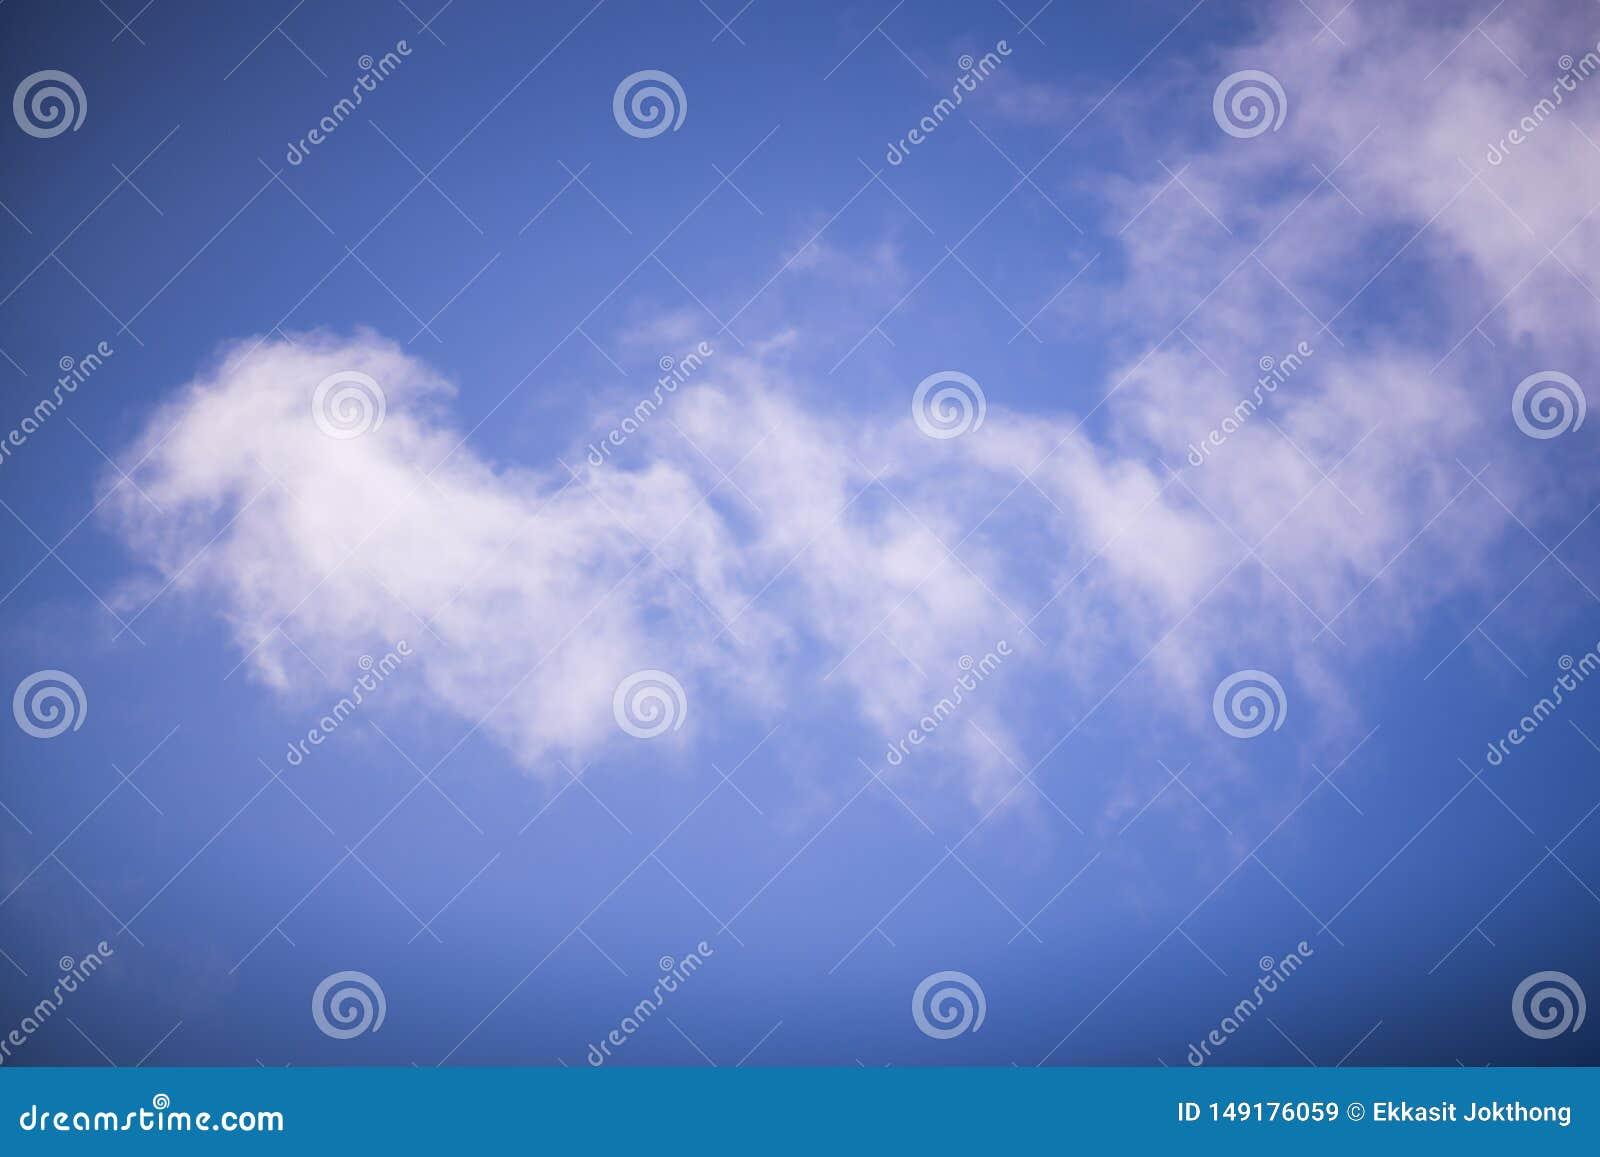 De hemel is dun, wit in het midden van de kant Zie rond de blauwe kleur